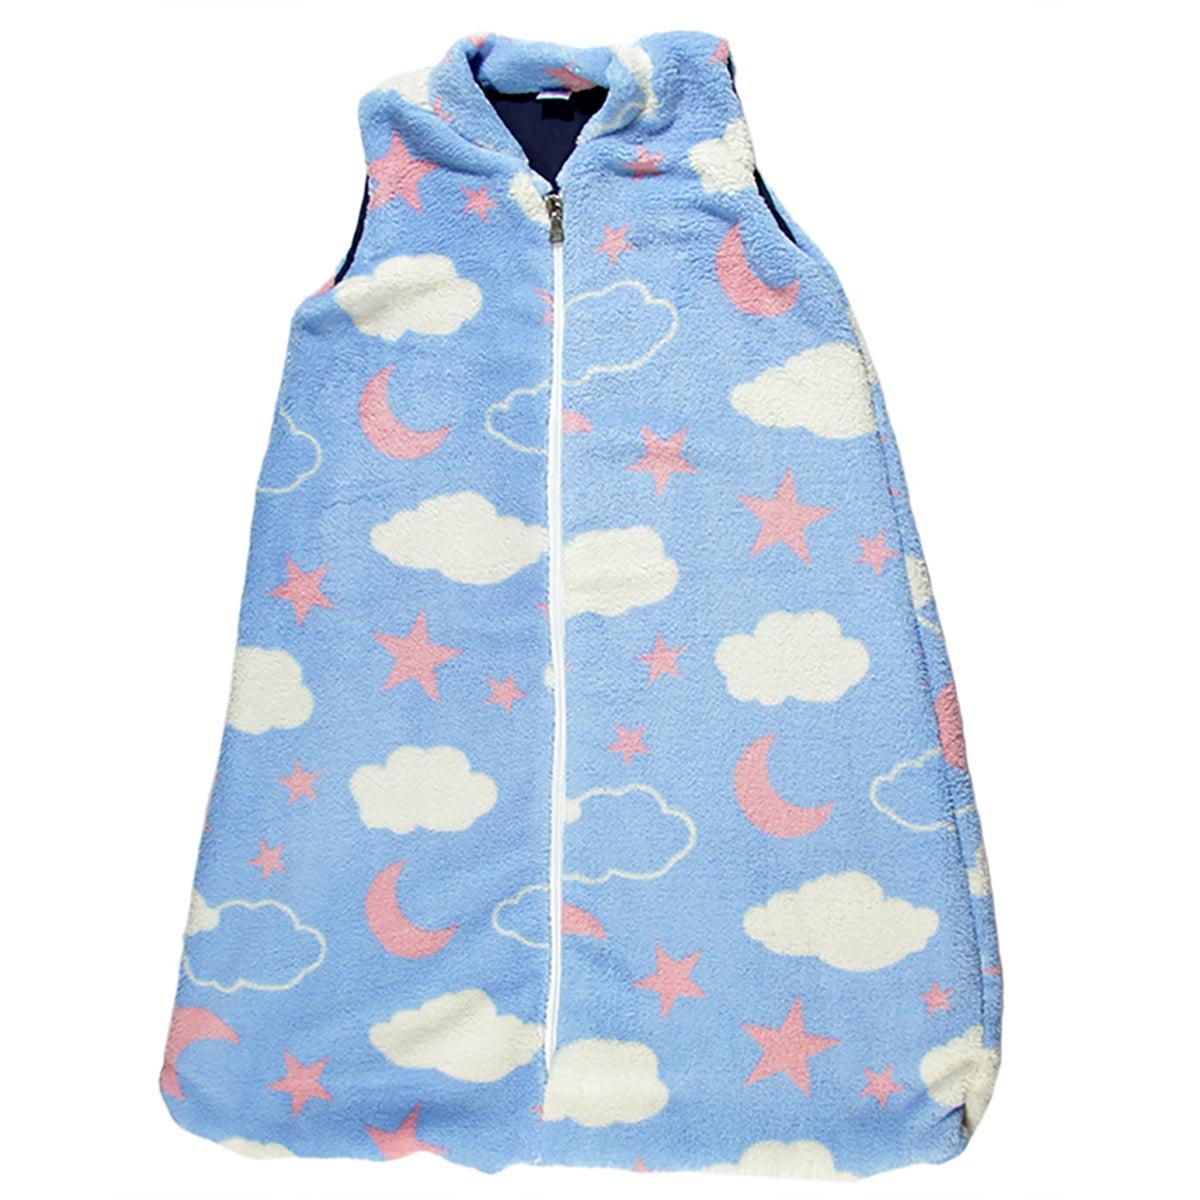 topla vreća za spavanje plavi snovi